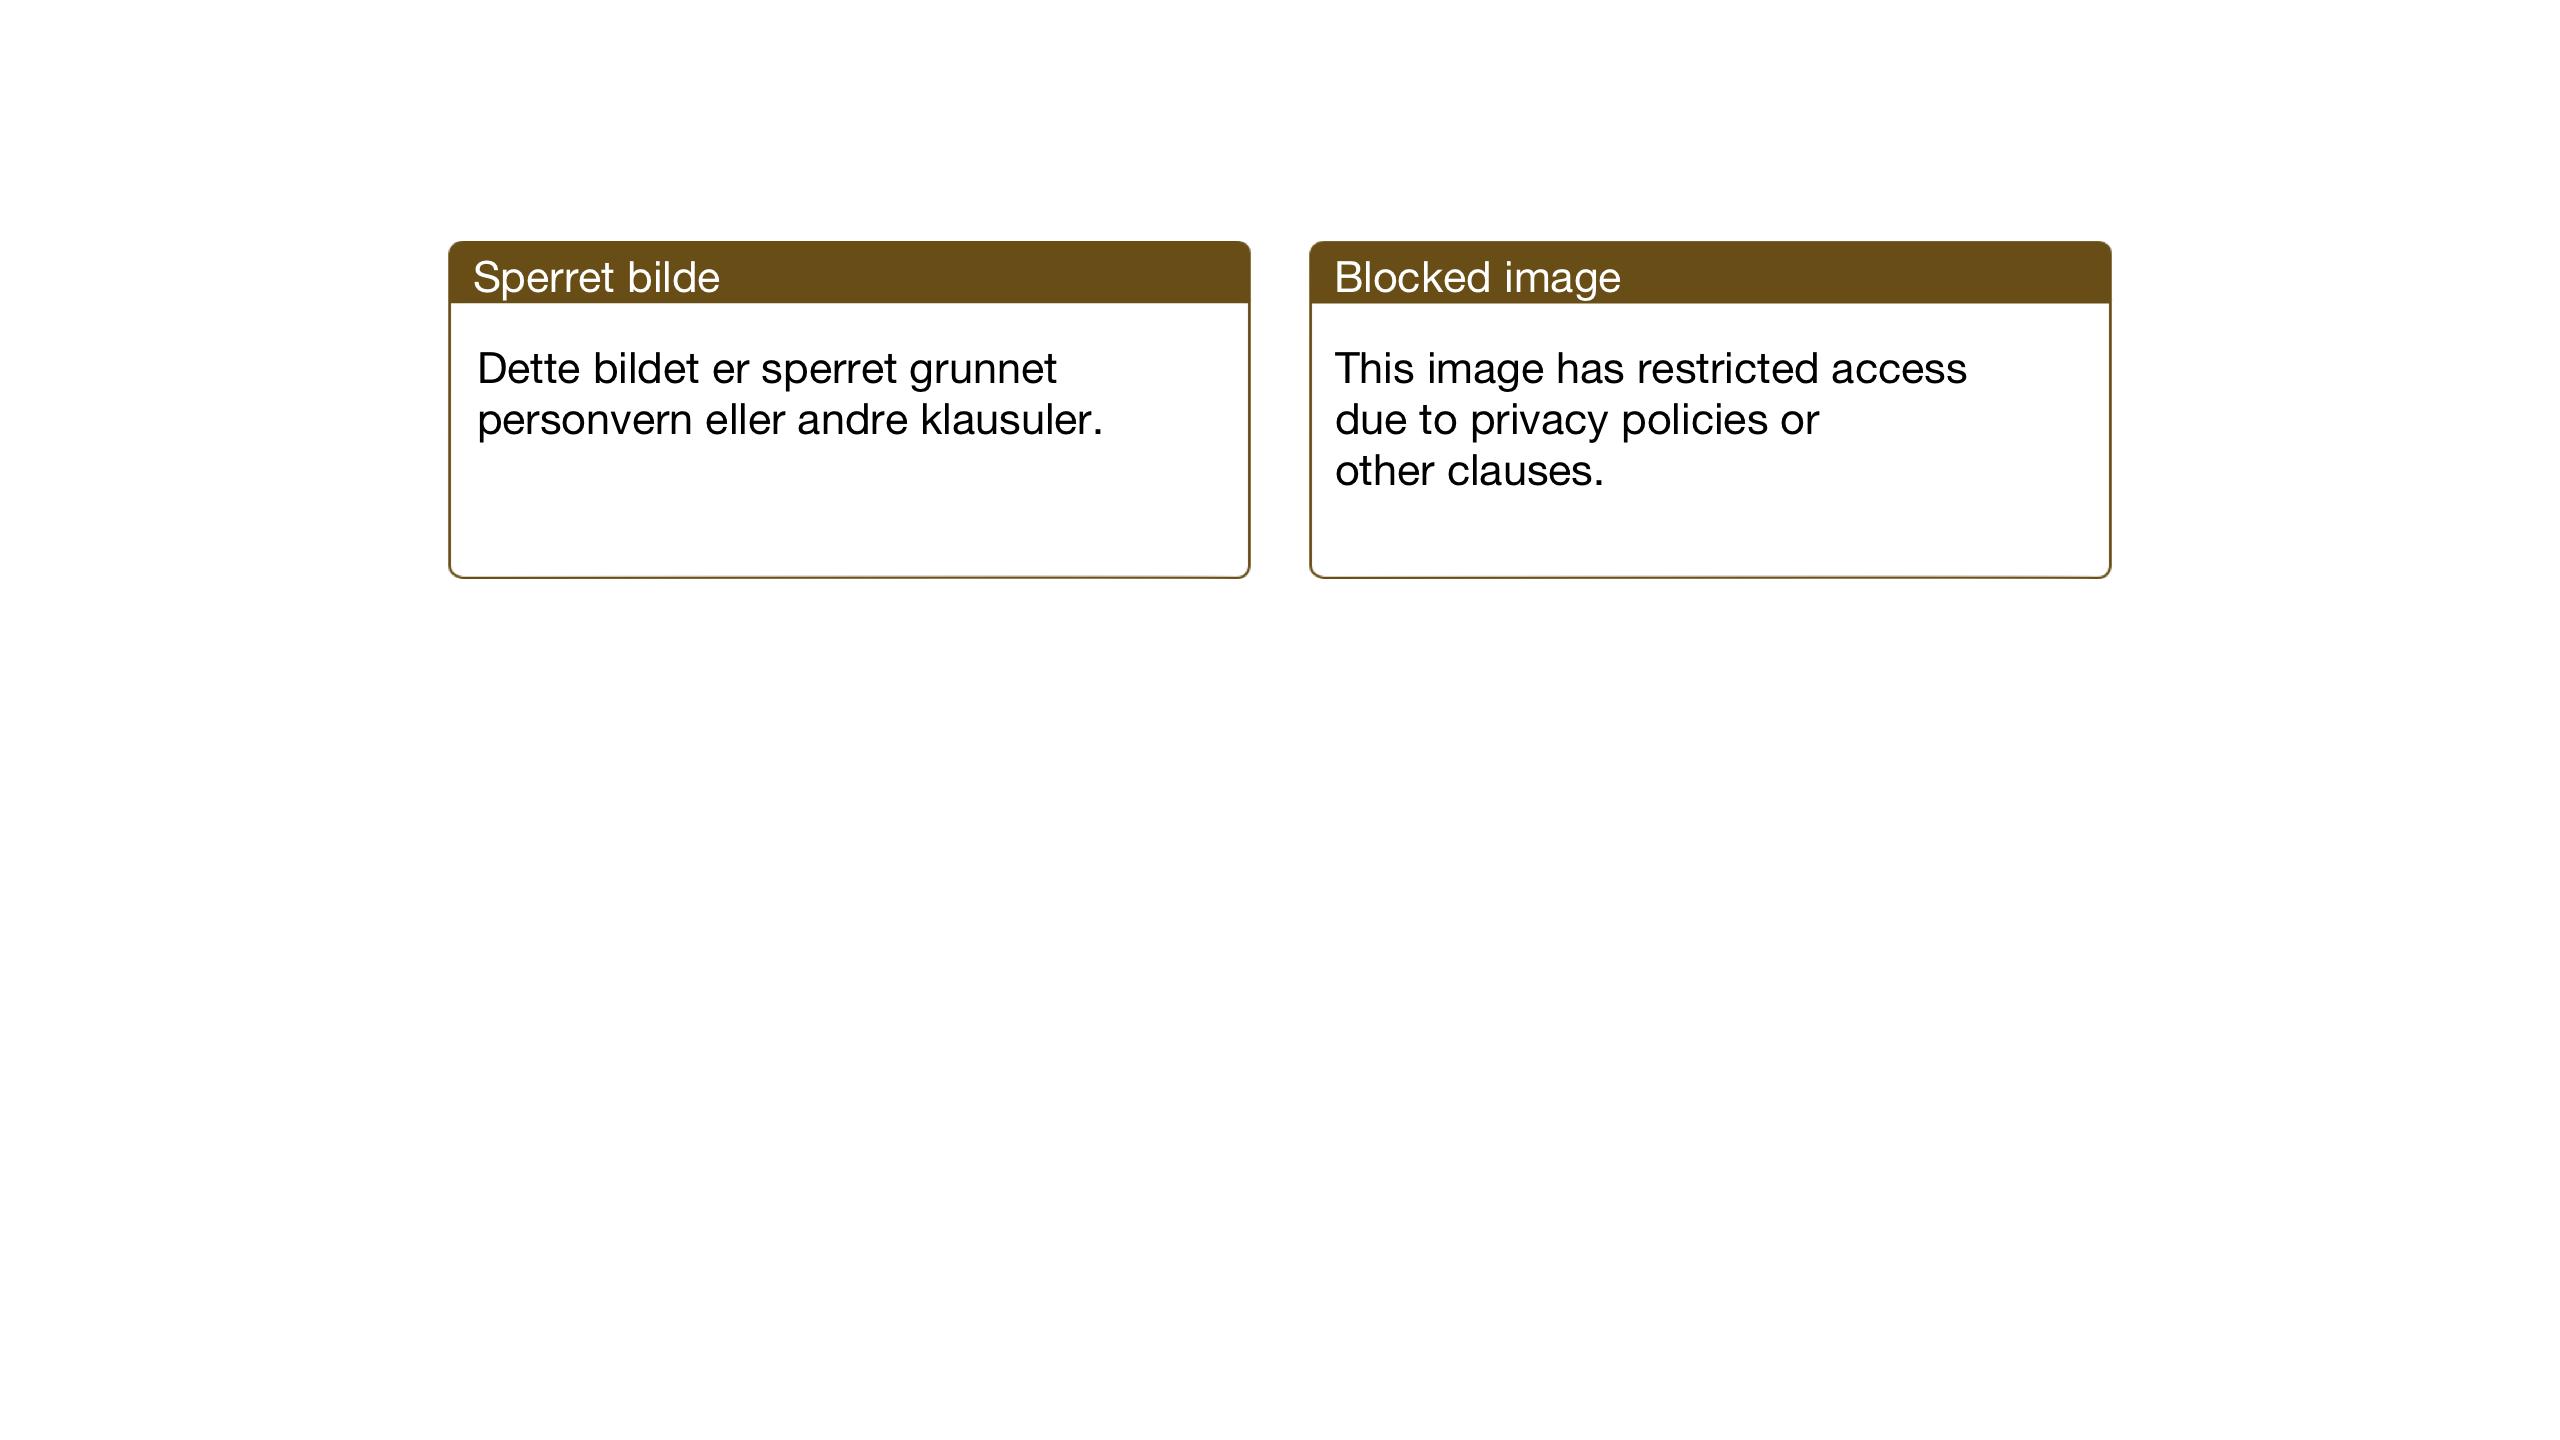 SAT, Ministerialprotokoller, klokkerbøker og fødselsregistre - Sør-Trøndelag, 638/L0569: Klokkerbok nr. 638C01, 1923-1961, s. 221